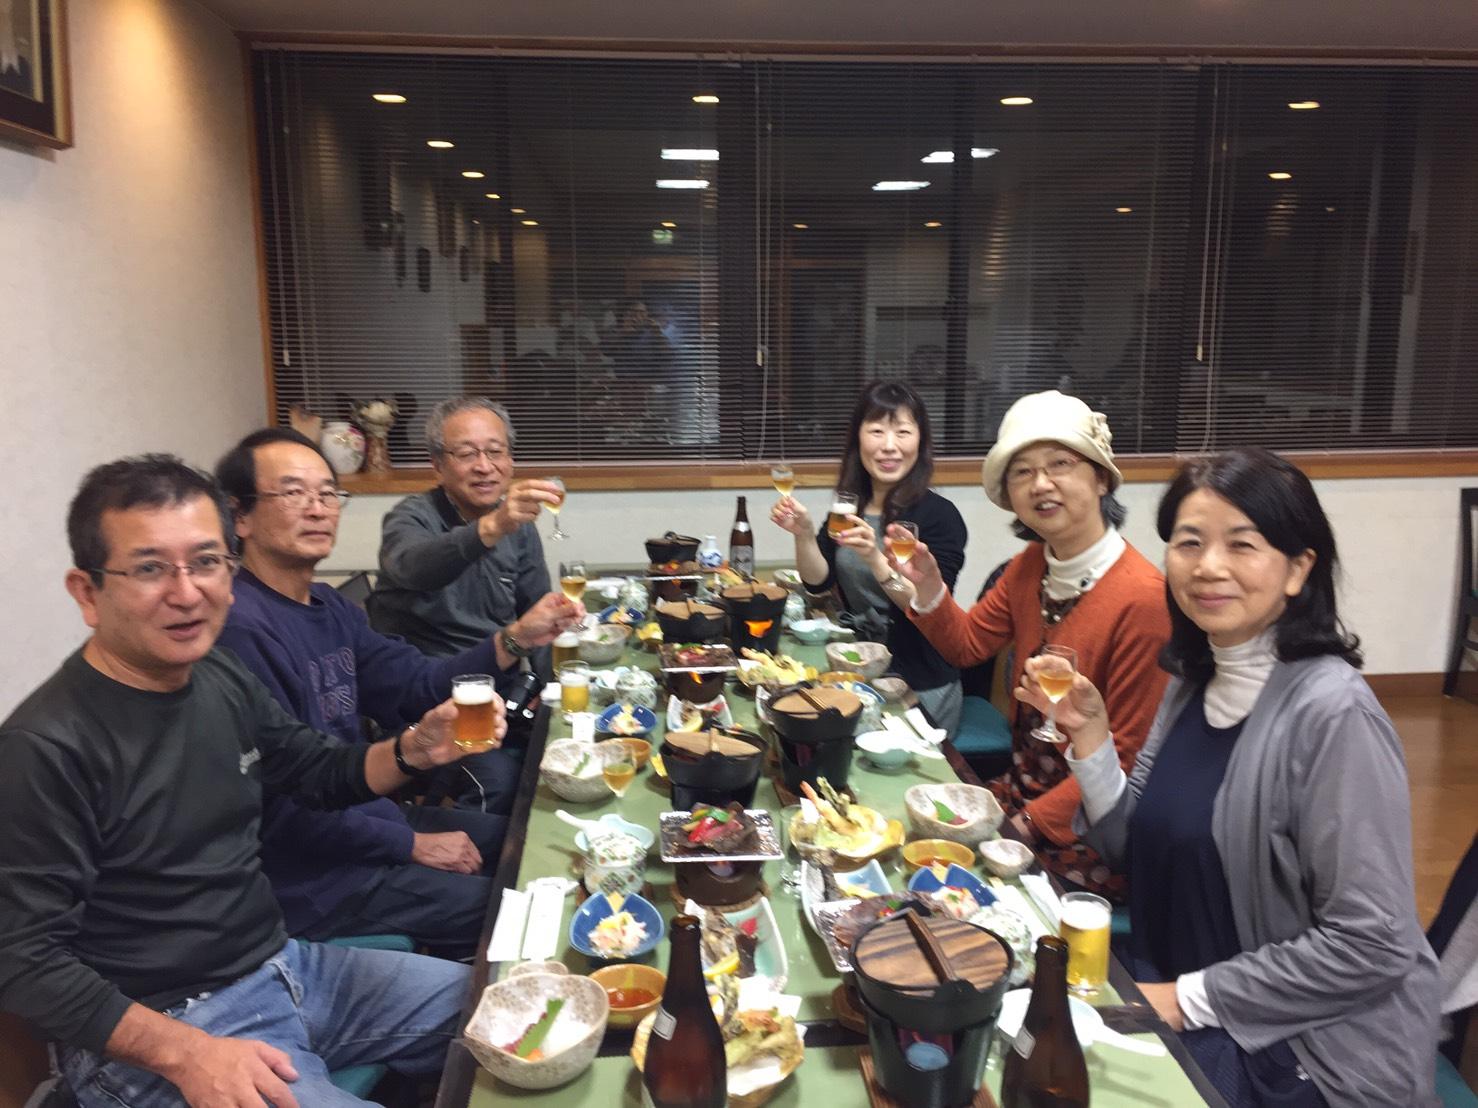 トシさん歓迎夕食会!これからよろしく!